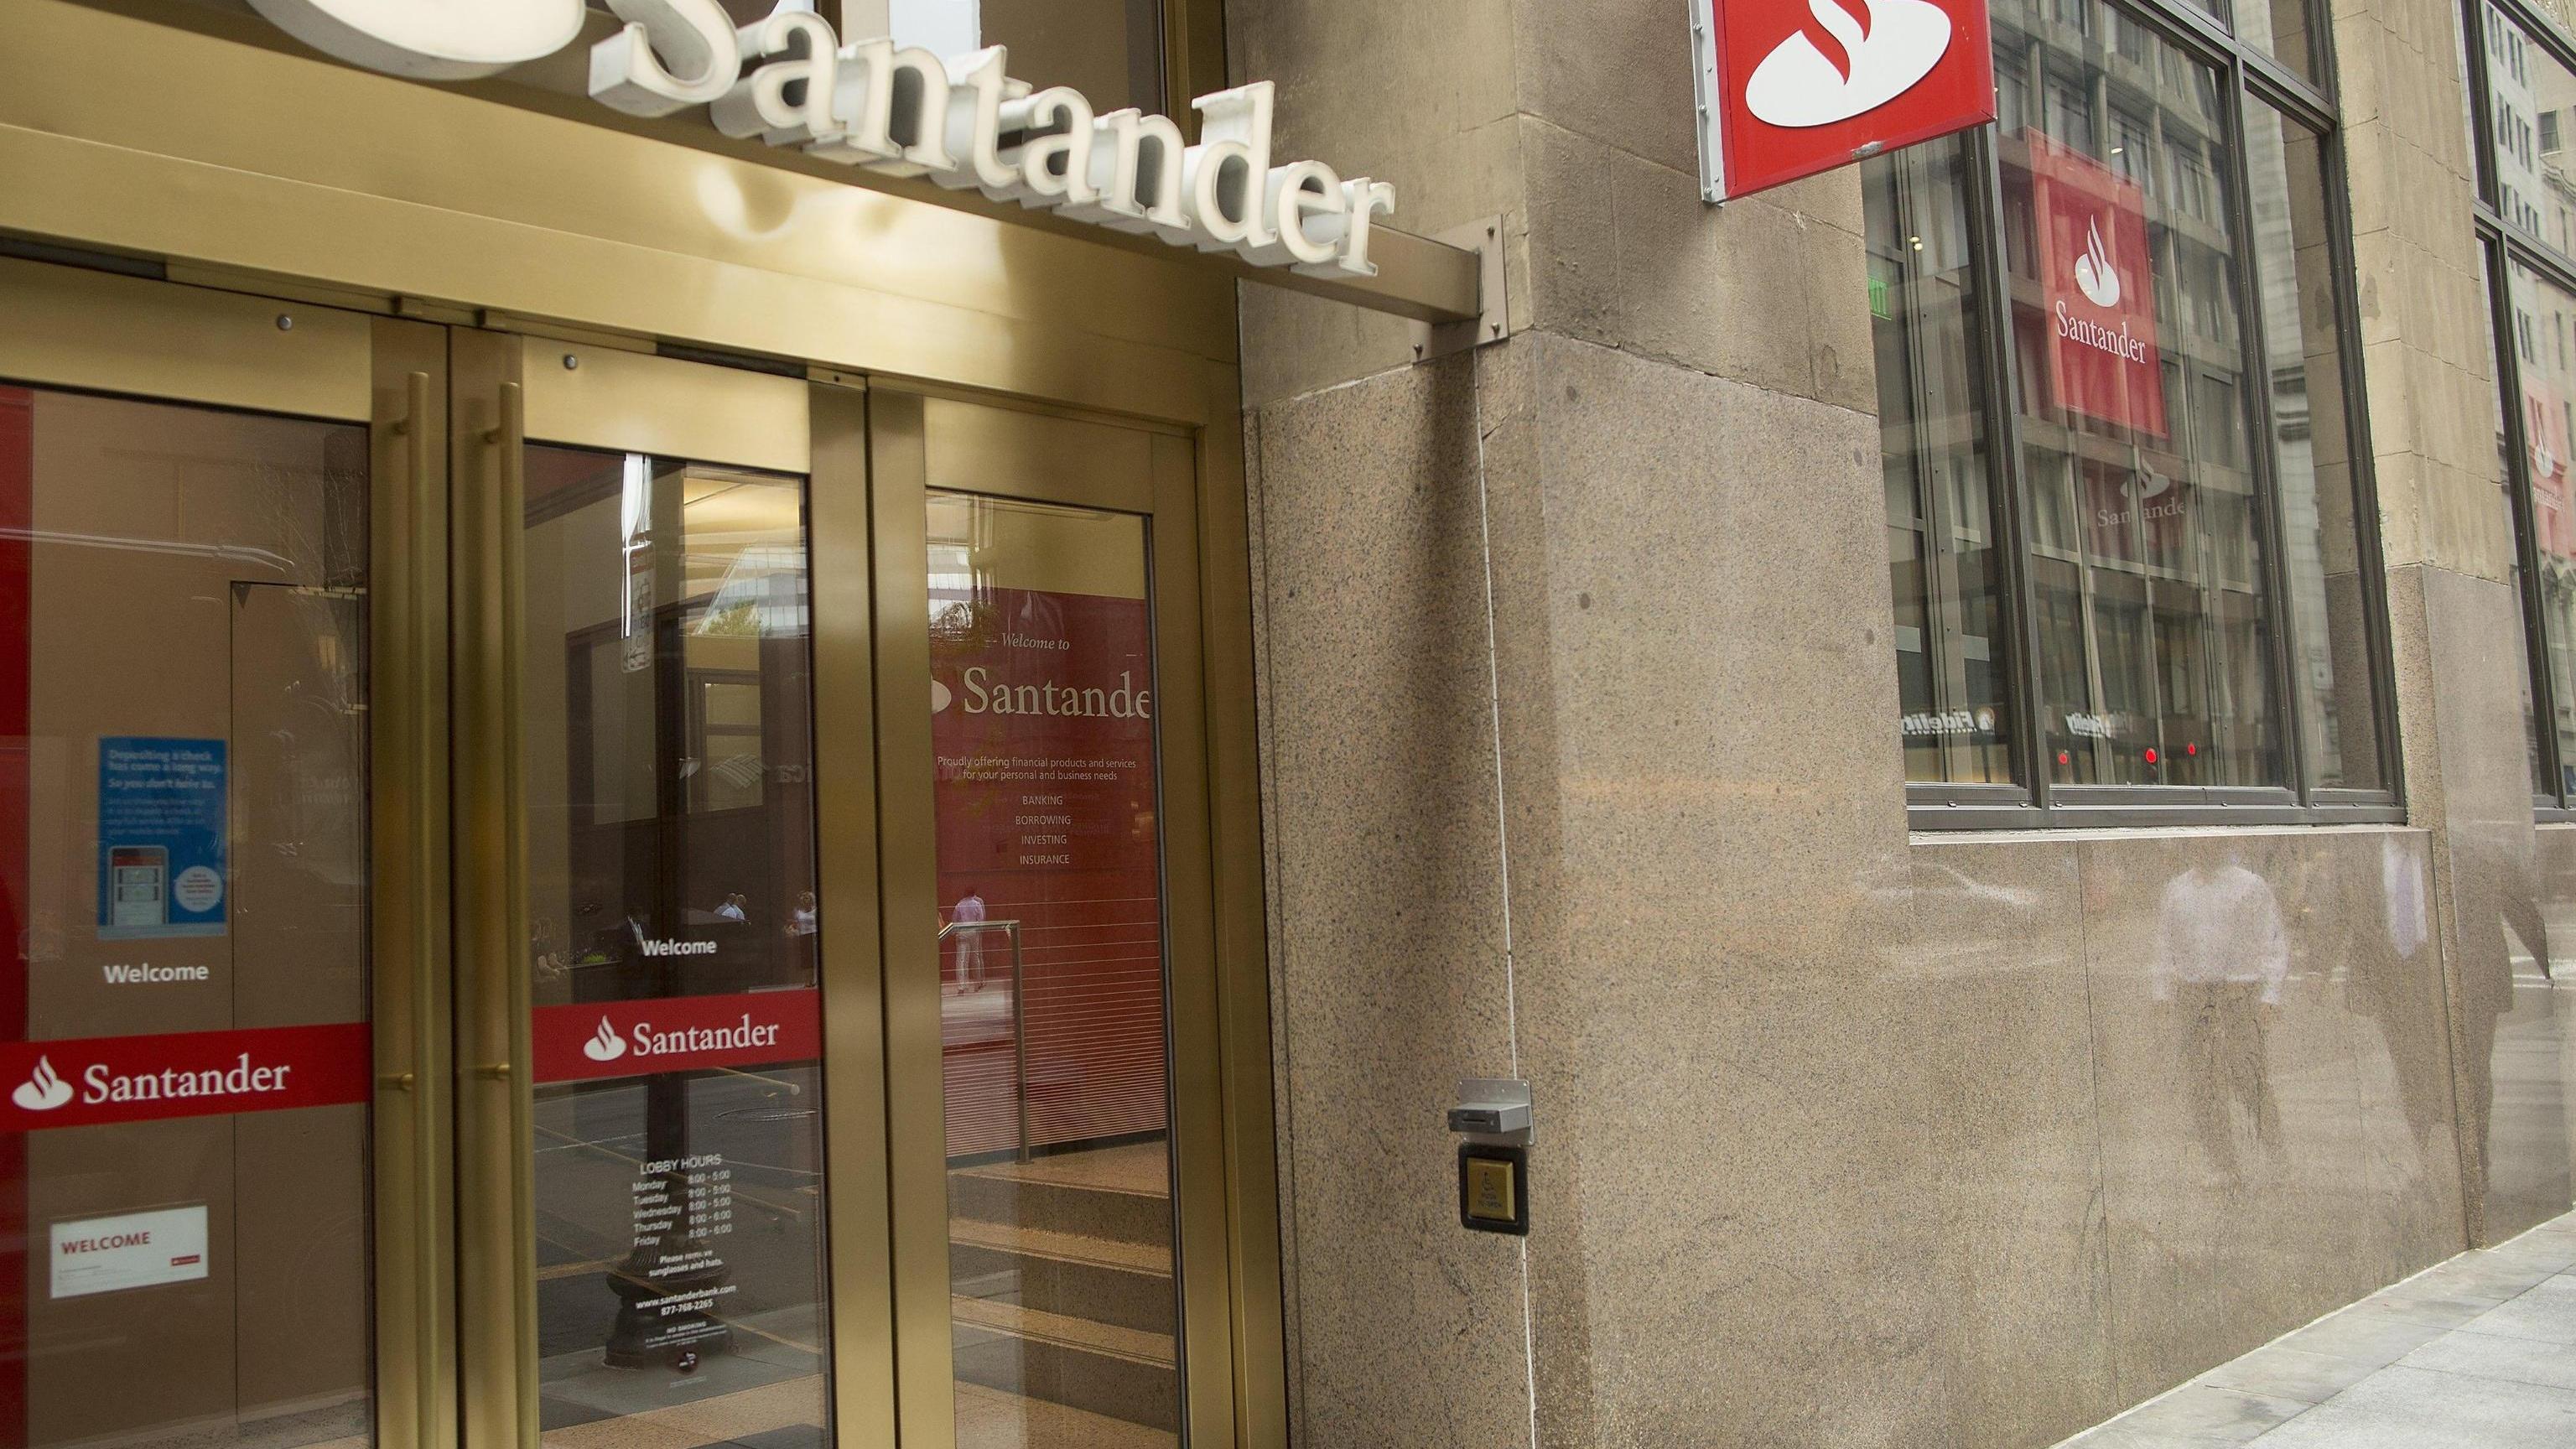 Banco santander central hispano - Pisos santander central hispano ...